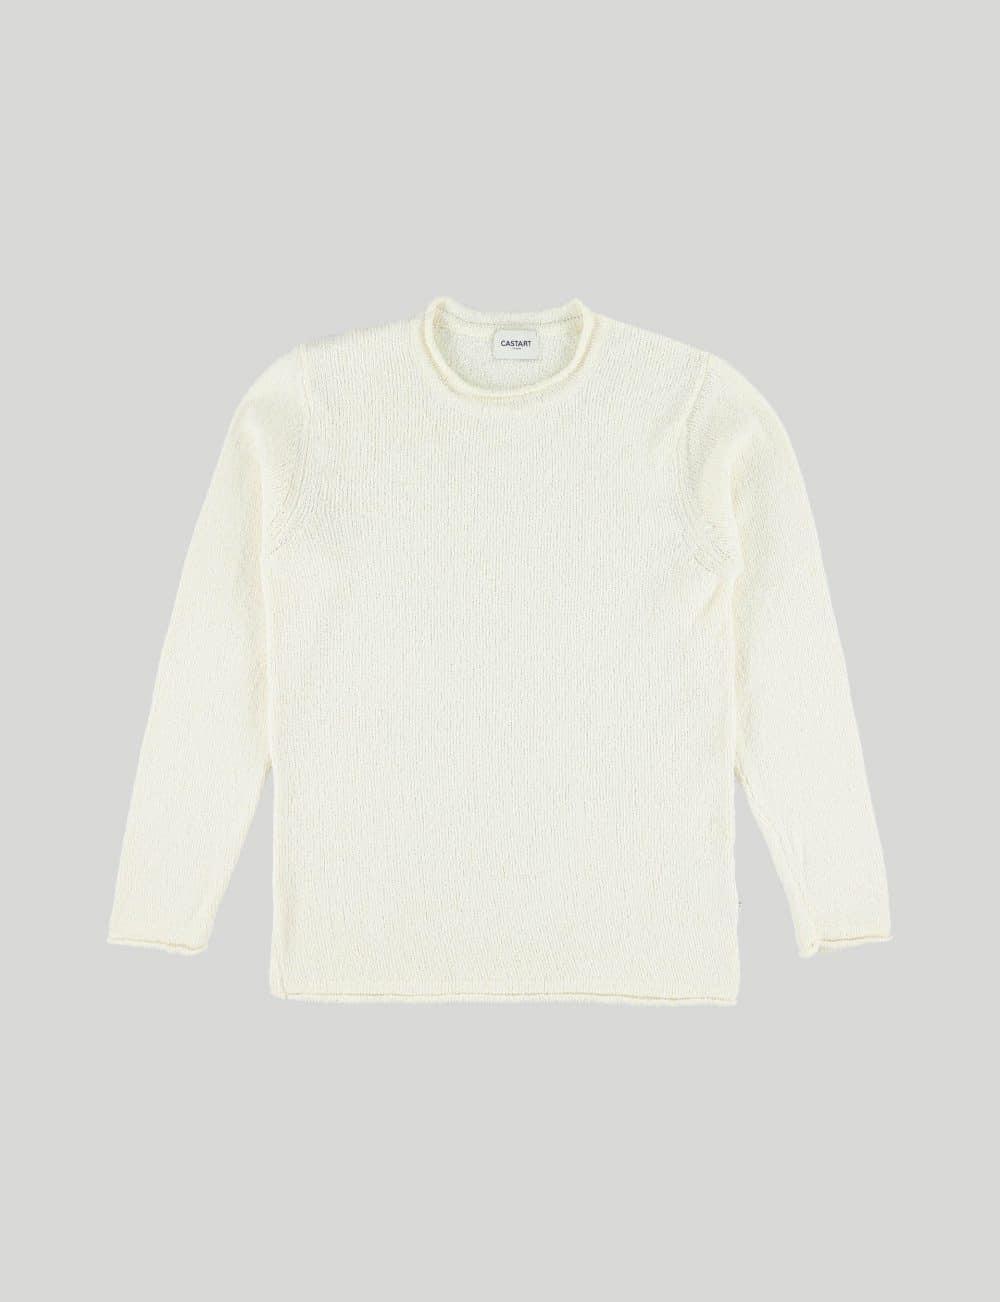 Castart - Ghost knitwear - Ecru